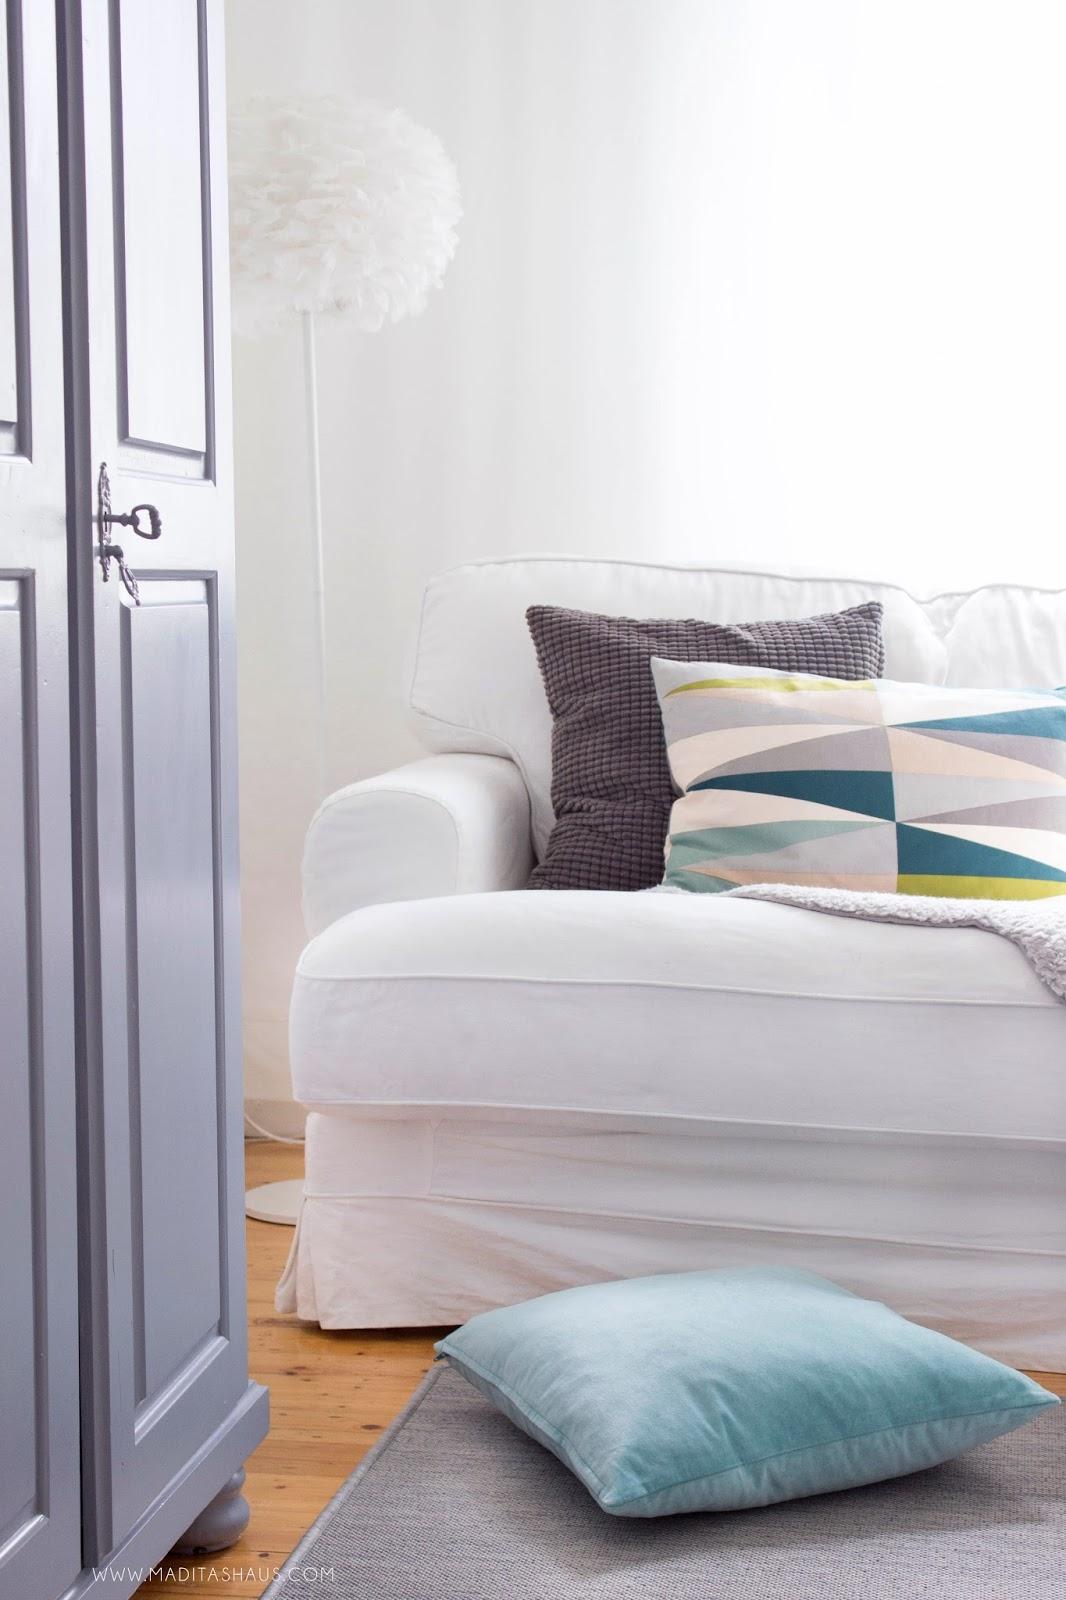 kleines wohnzimmer entspannt einrichten meine. Black Bedroom Furniture Sets. Home Design Ideas